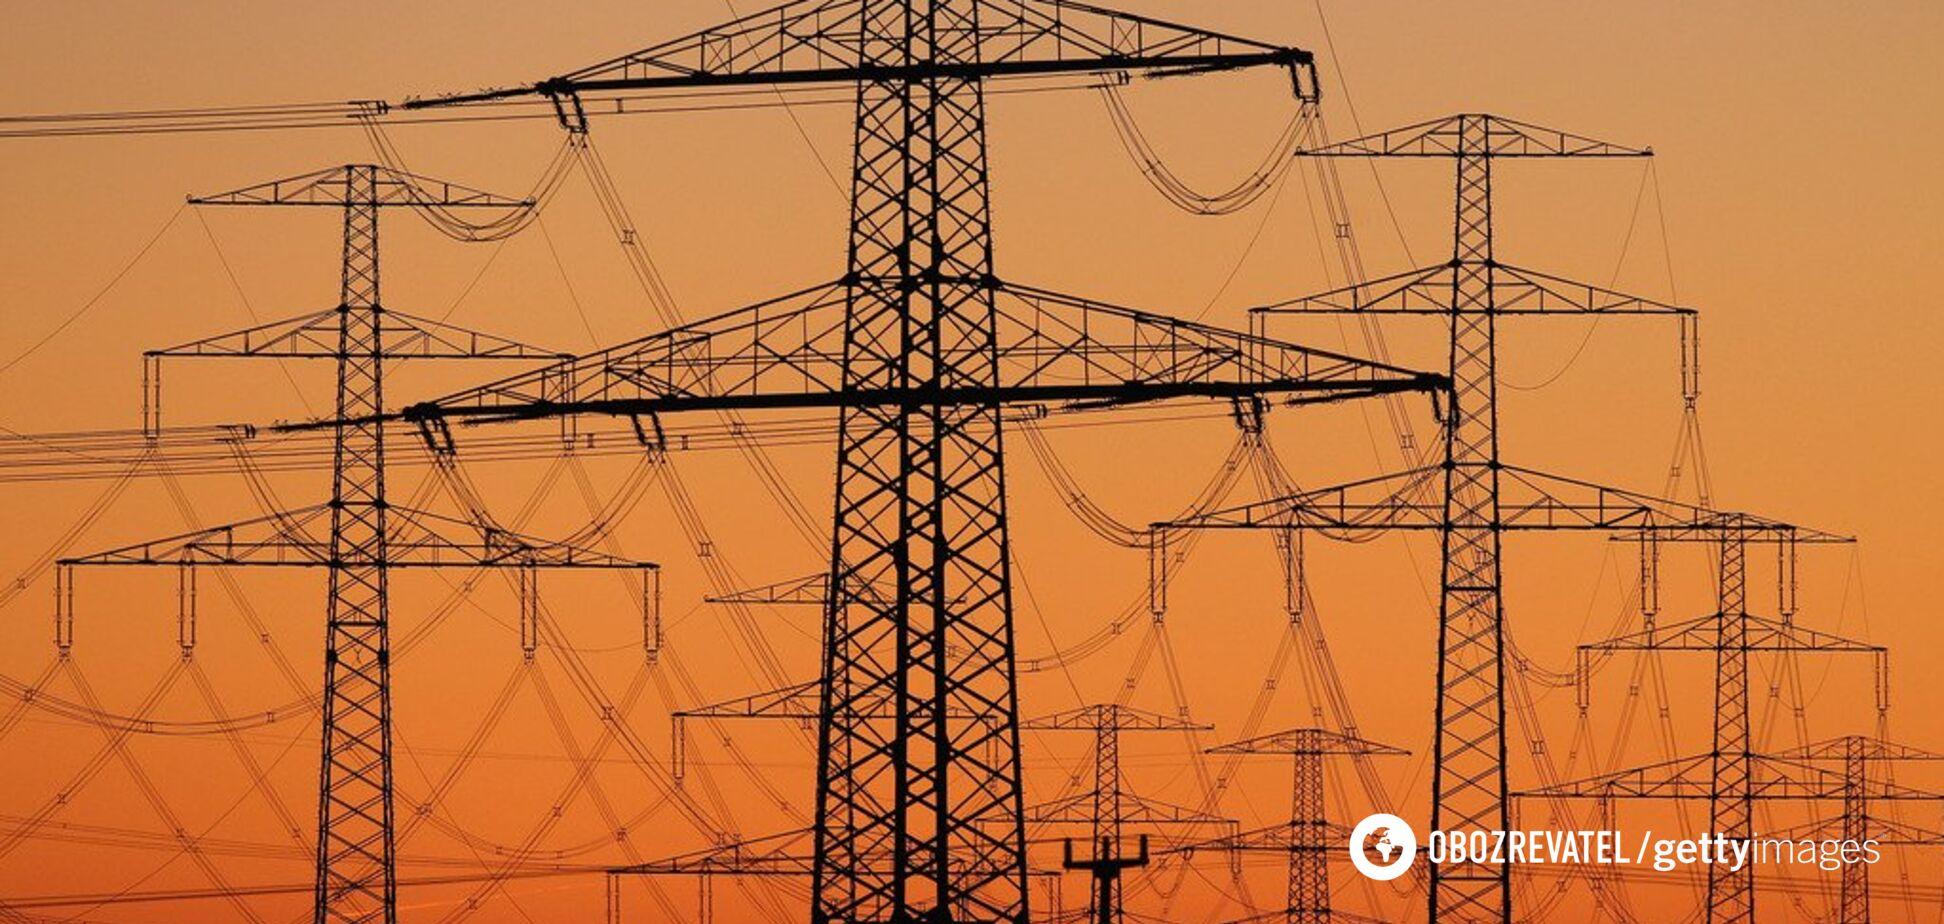 'Неконтрольоване подорожчання': в Україні доведеться платити за електроенергію по-новому